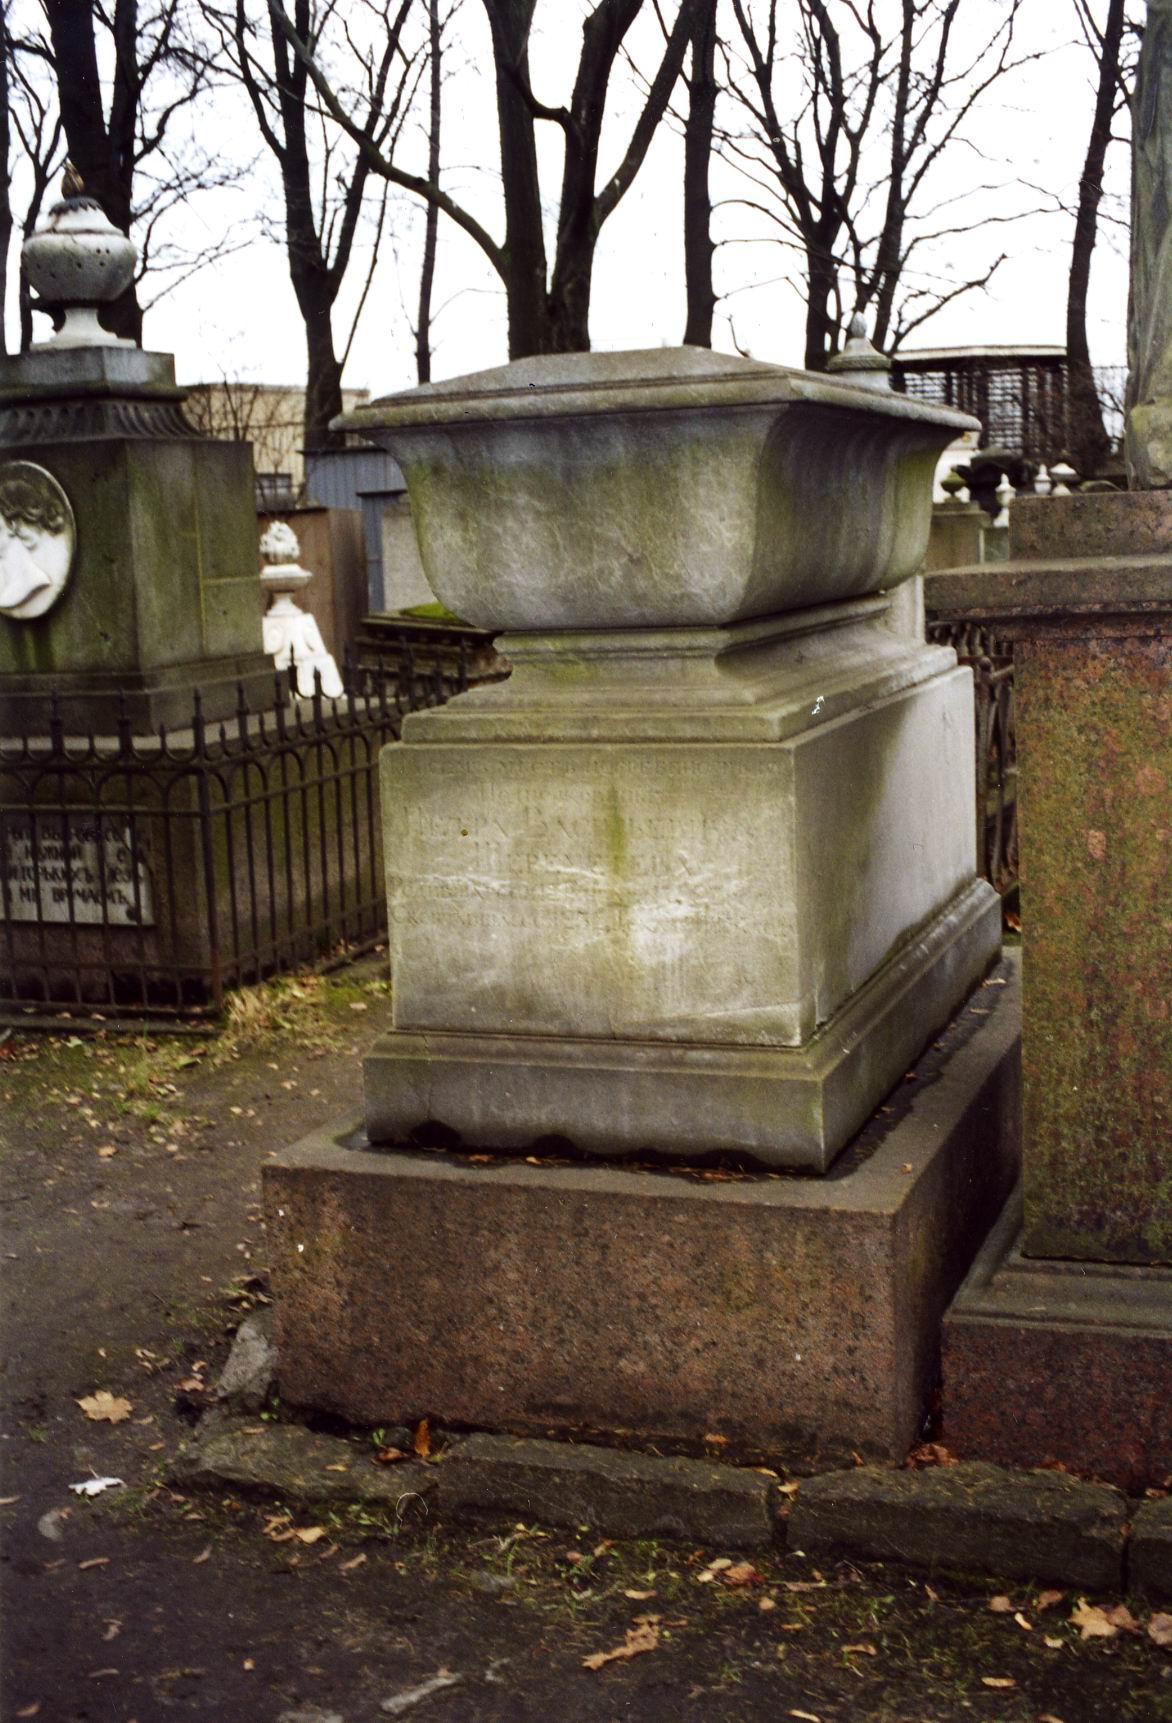 Юго-западная сторона памятника. Видны налеты из атмосферных грязевых отложений и налетов биологического происхождения. Фото ноября 2003 г.